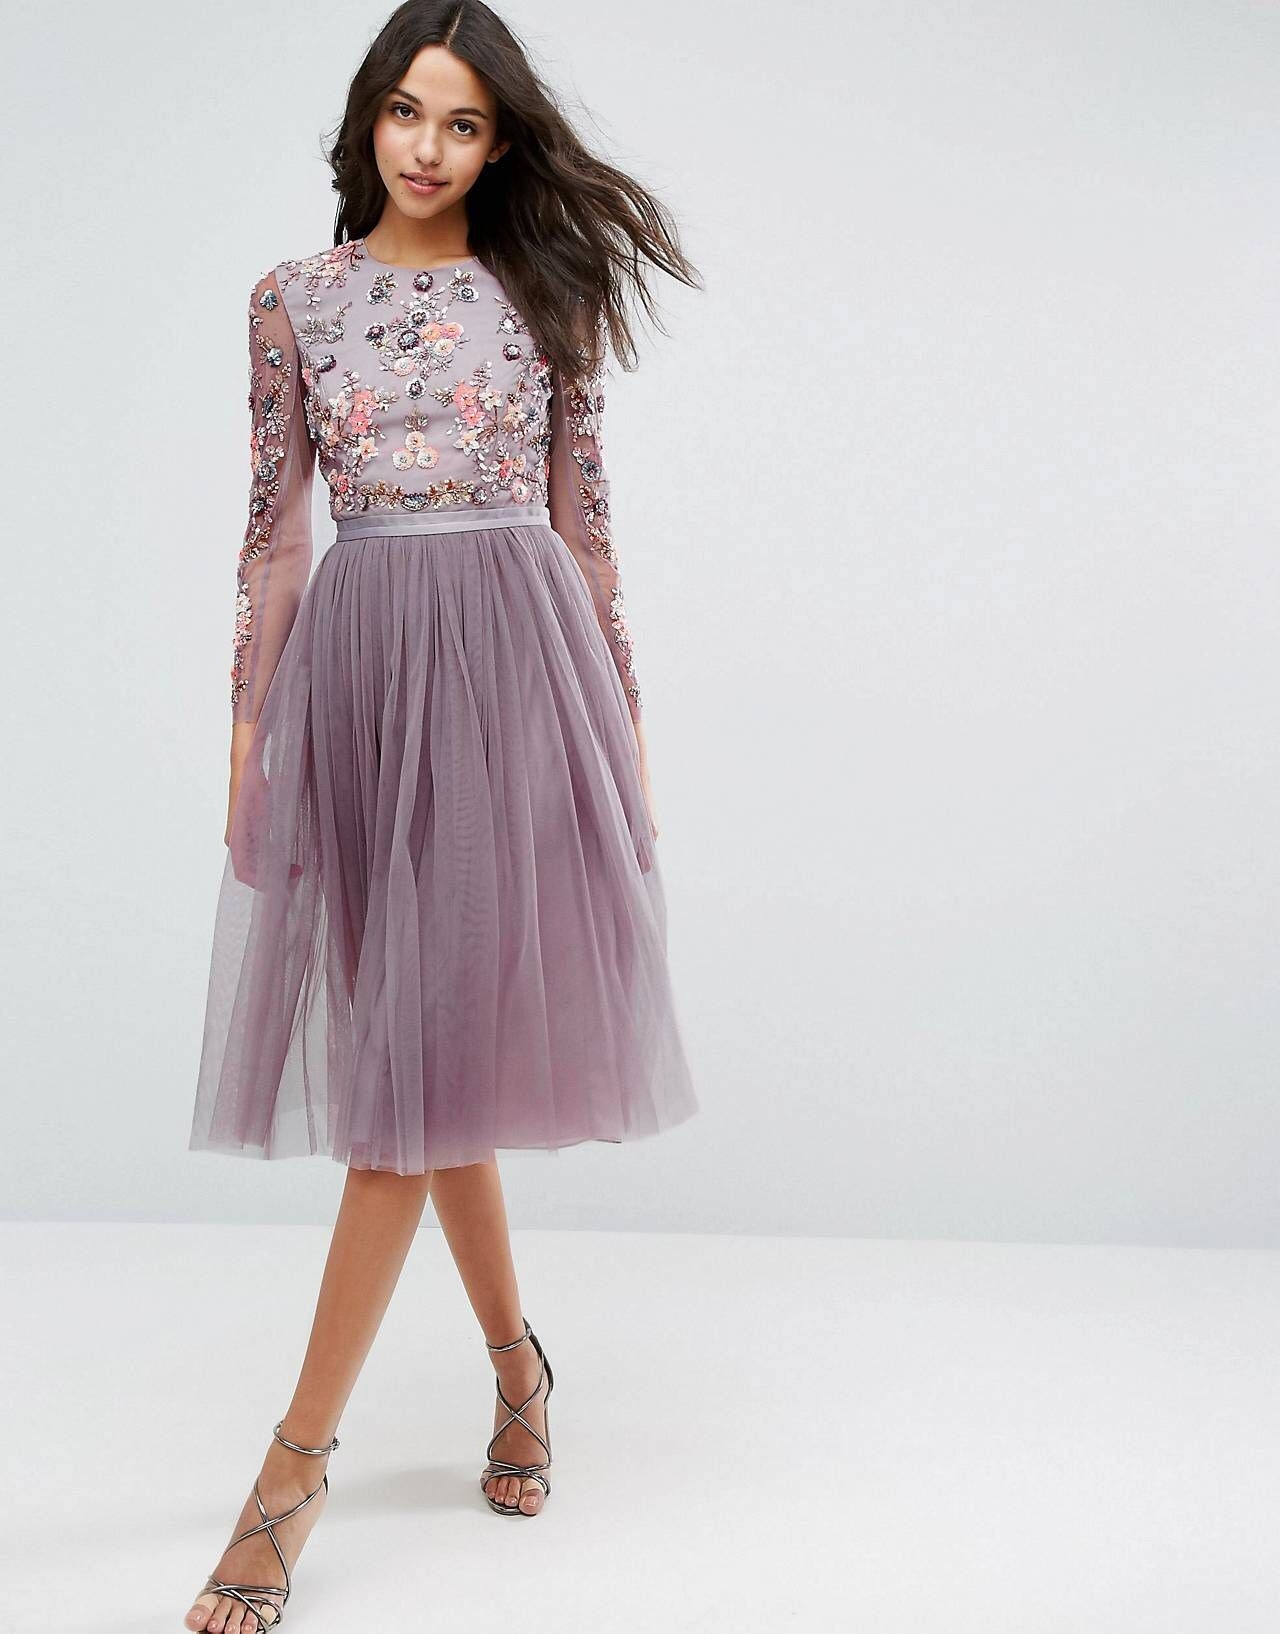 Luxurius Tolle Kleider Für Hochzeitsgäste Stylish10 Schön Tolle Kleider Für Hochzeitsgäste Boutique